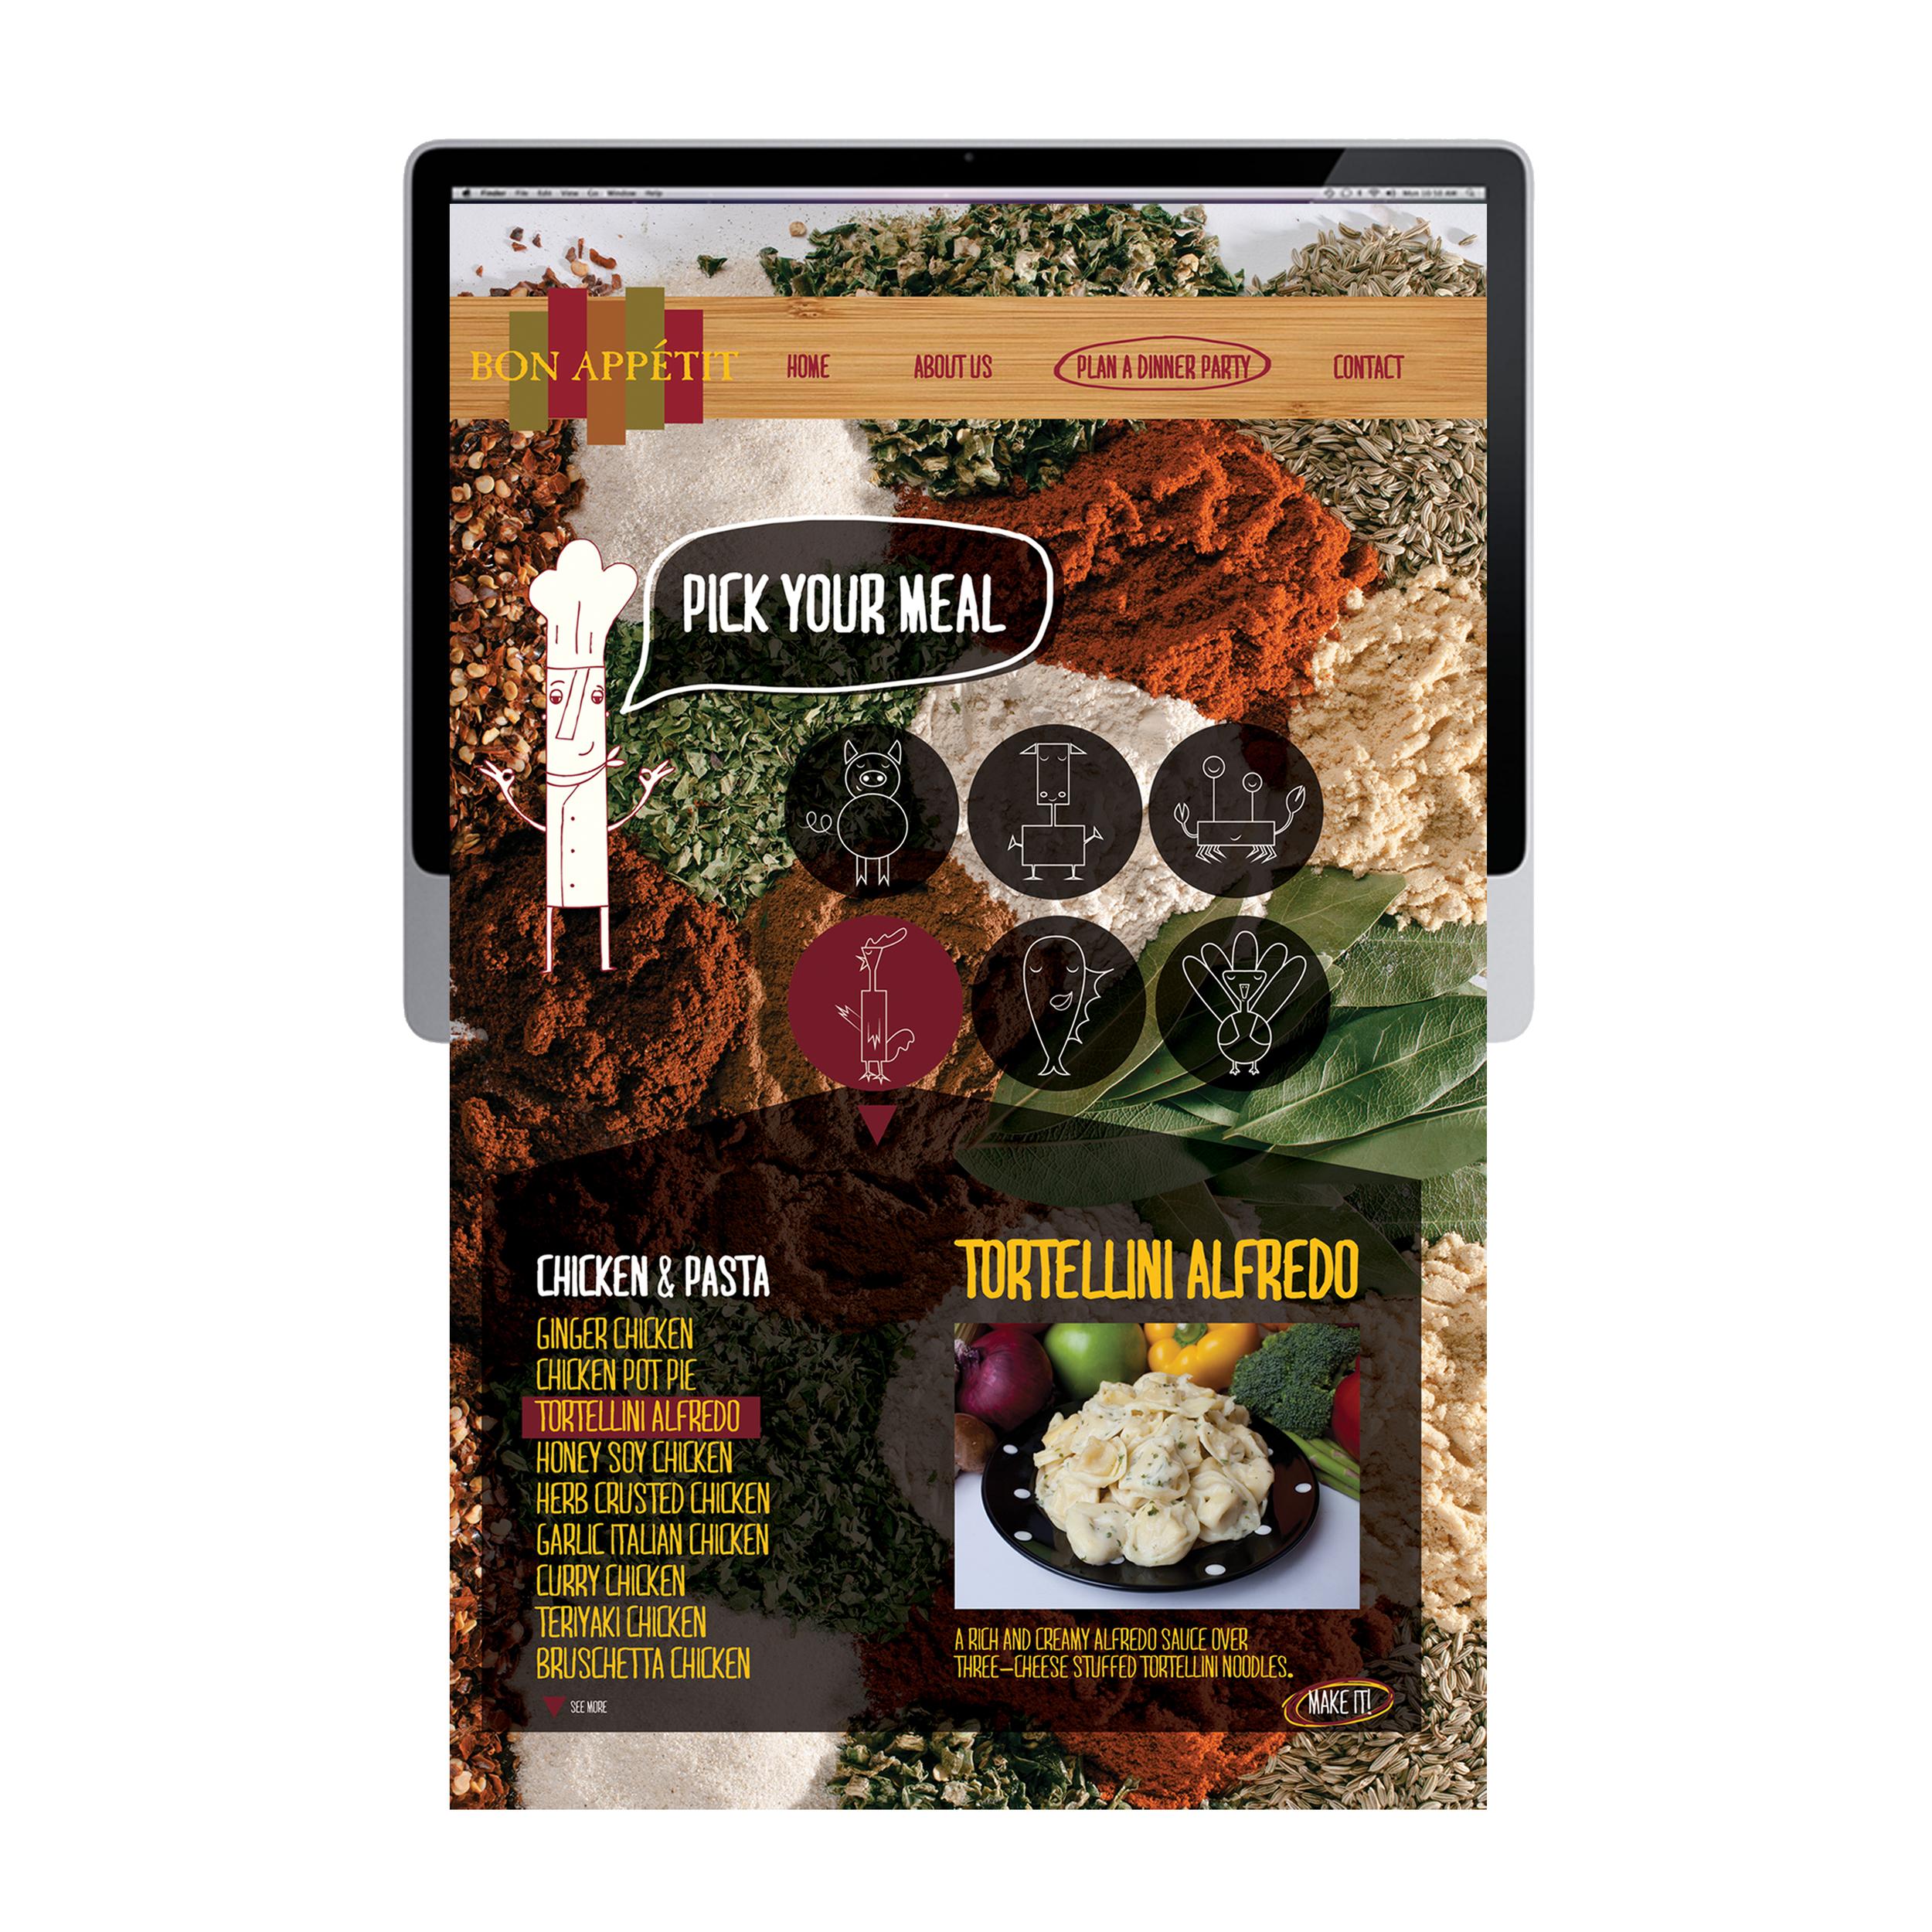 bon appetit website-2.jpg